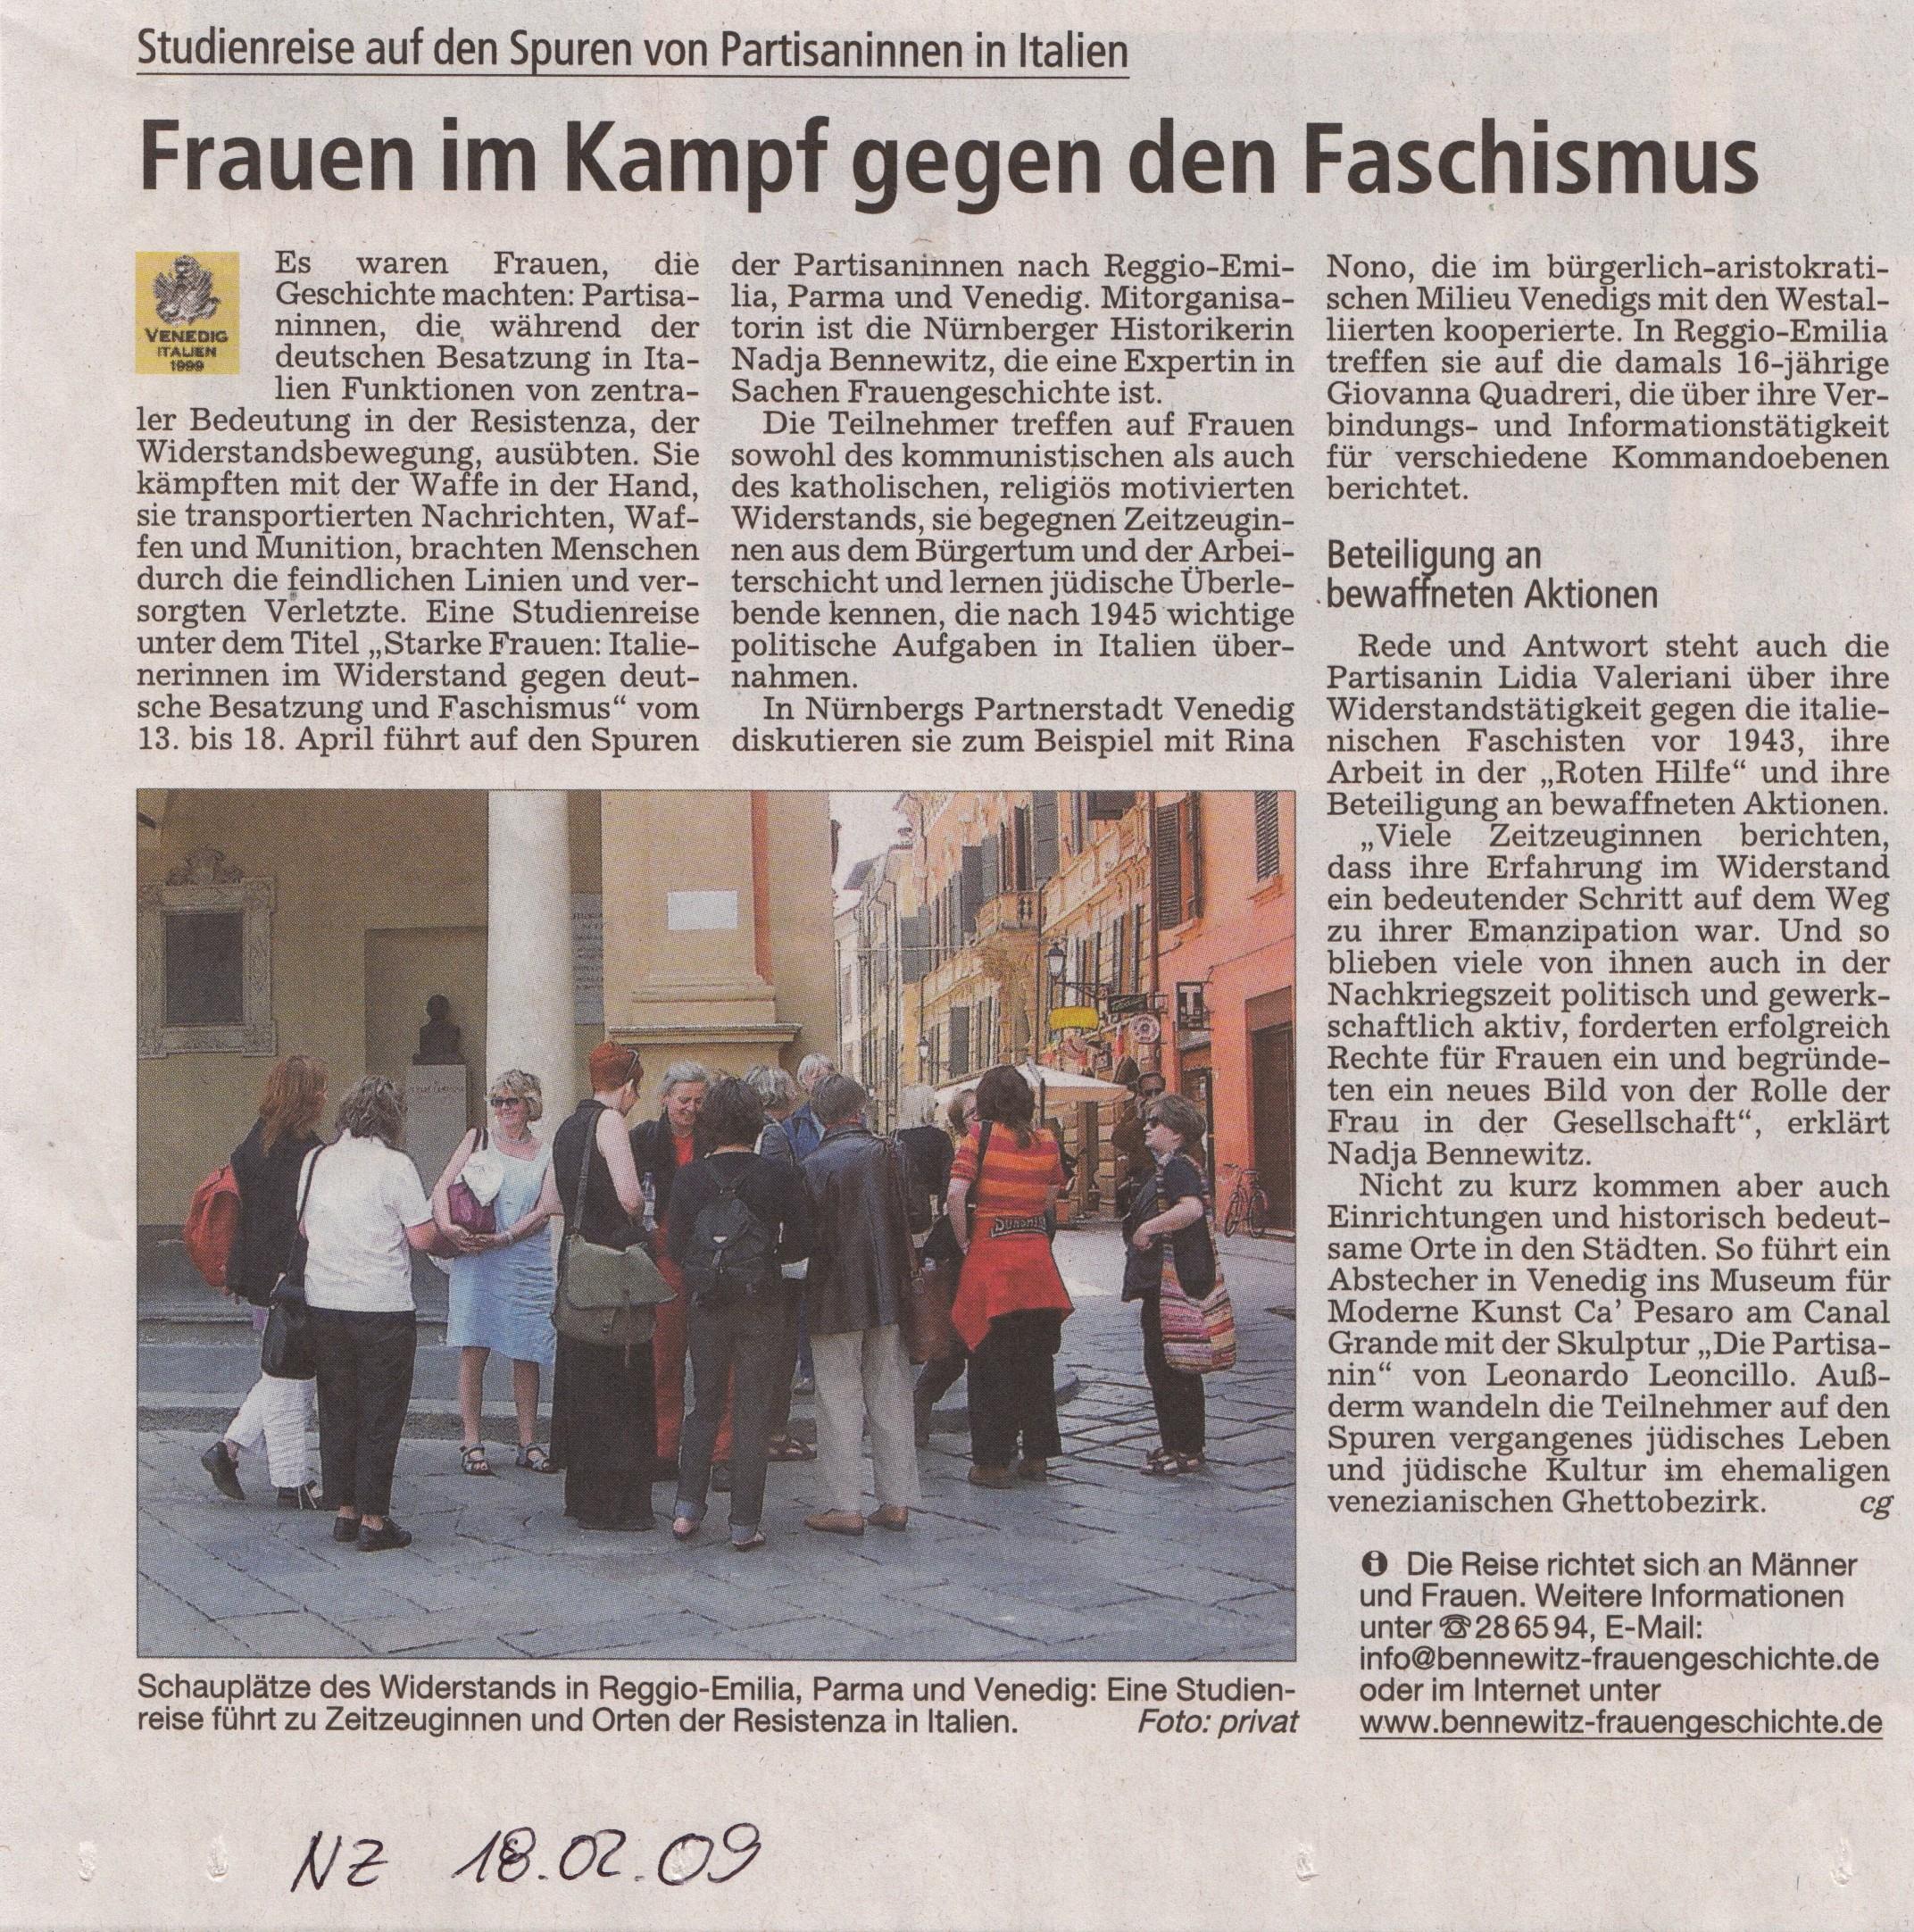 Frauen im Widerstand: Emilia Romagna und Veneto - bennewitz ...